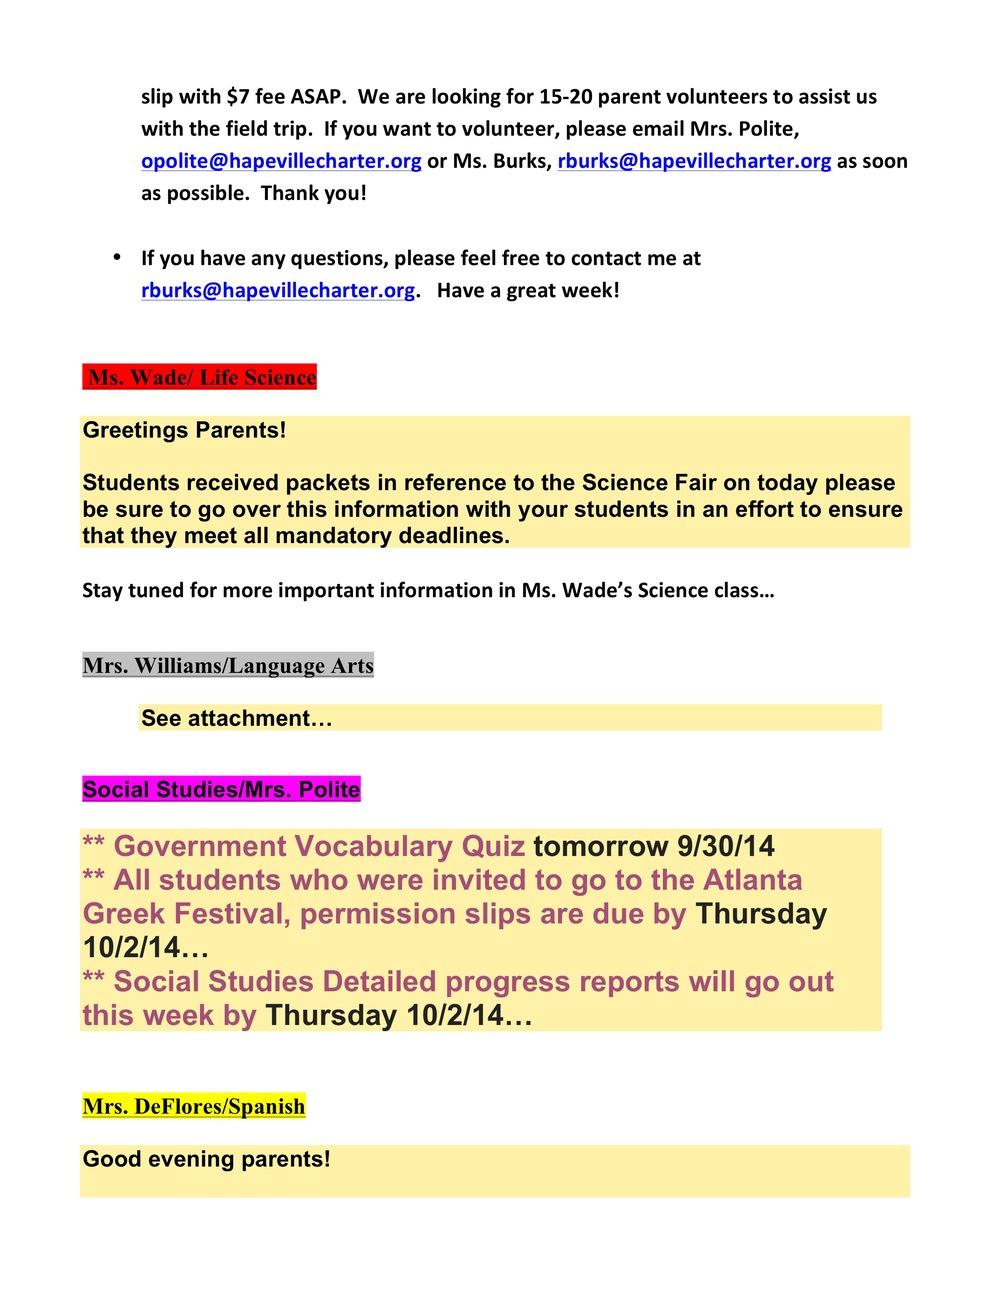 Newsletter Image7th Newsletter September 29 3.jpeg